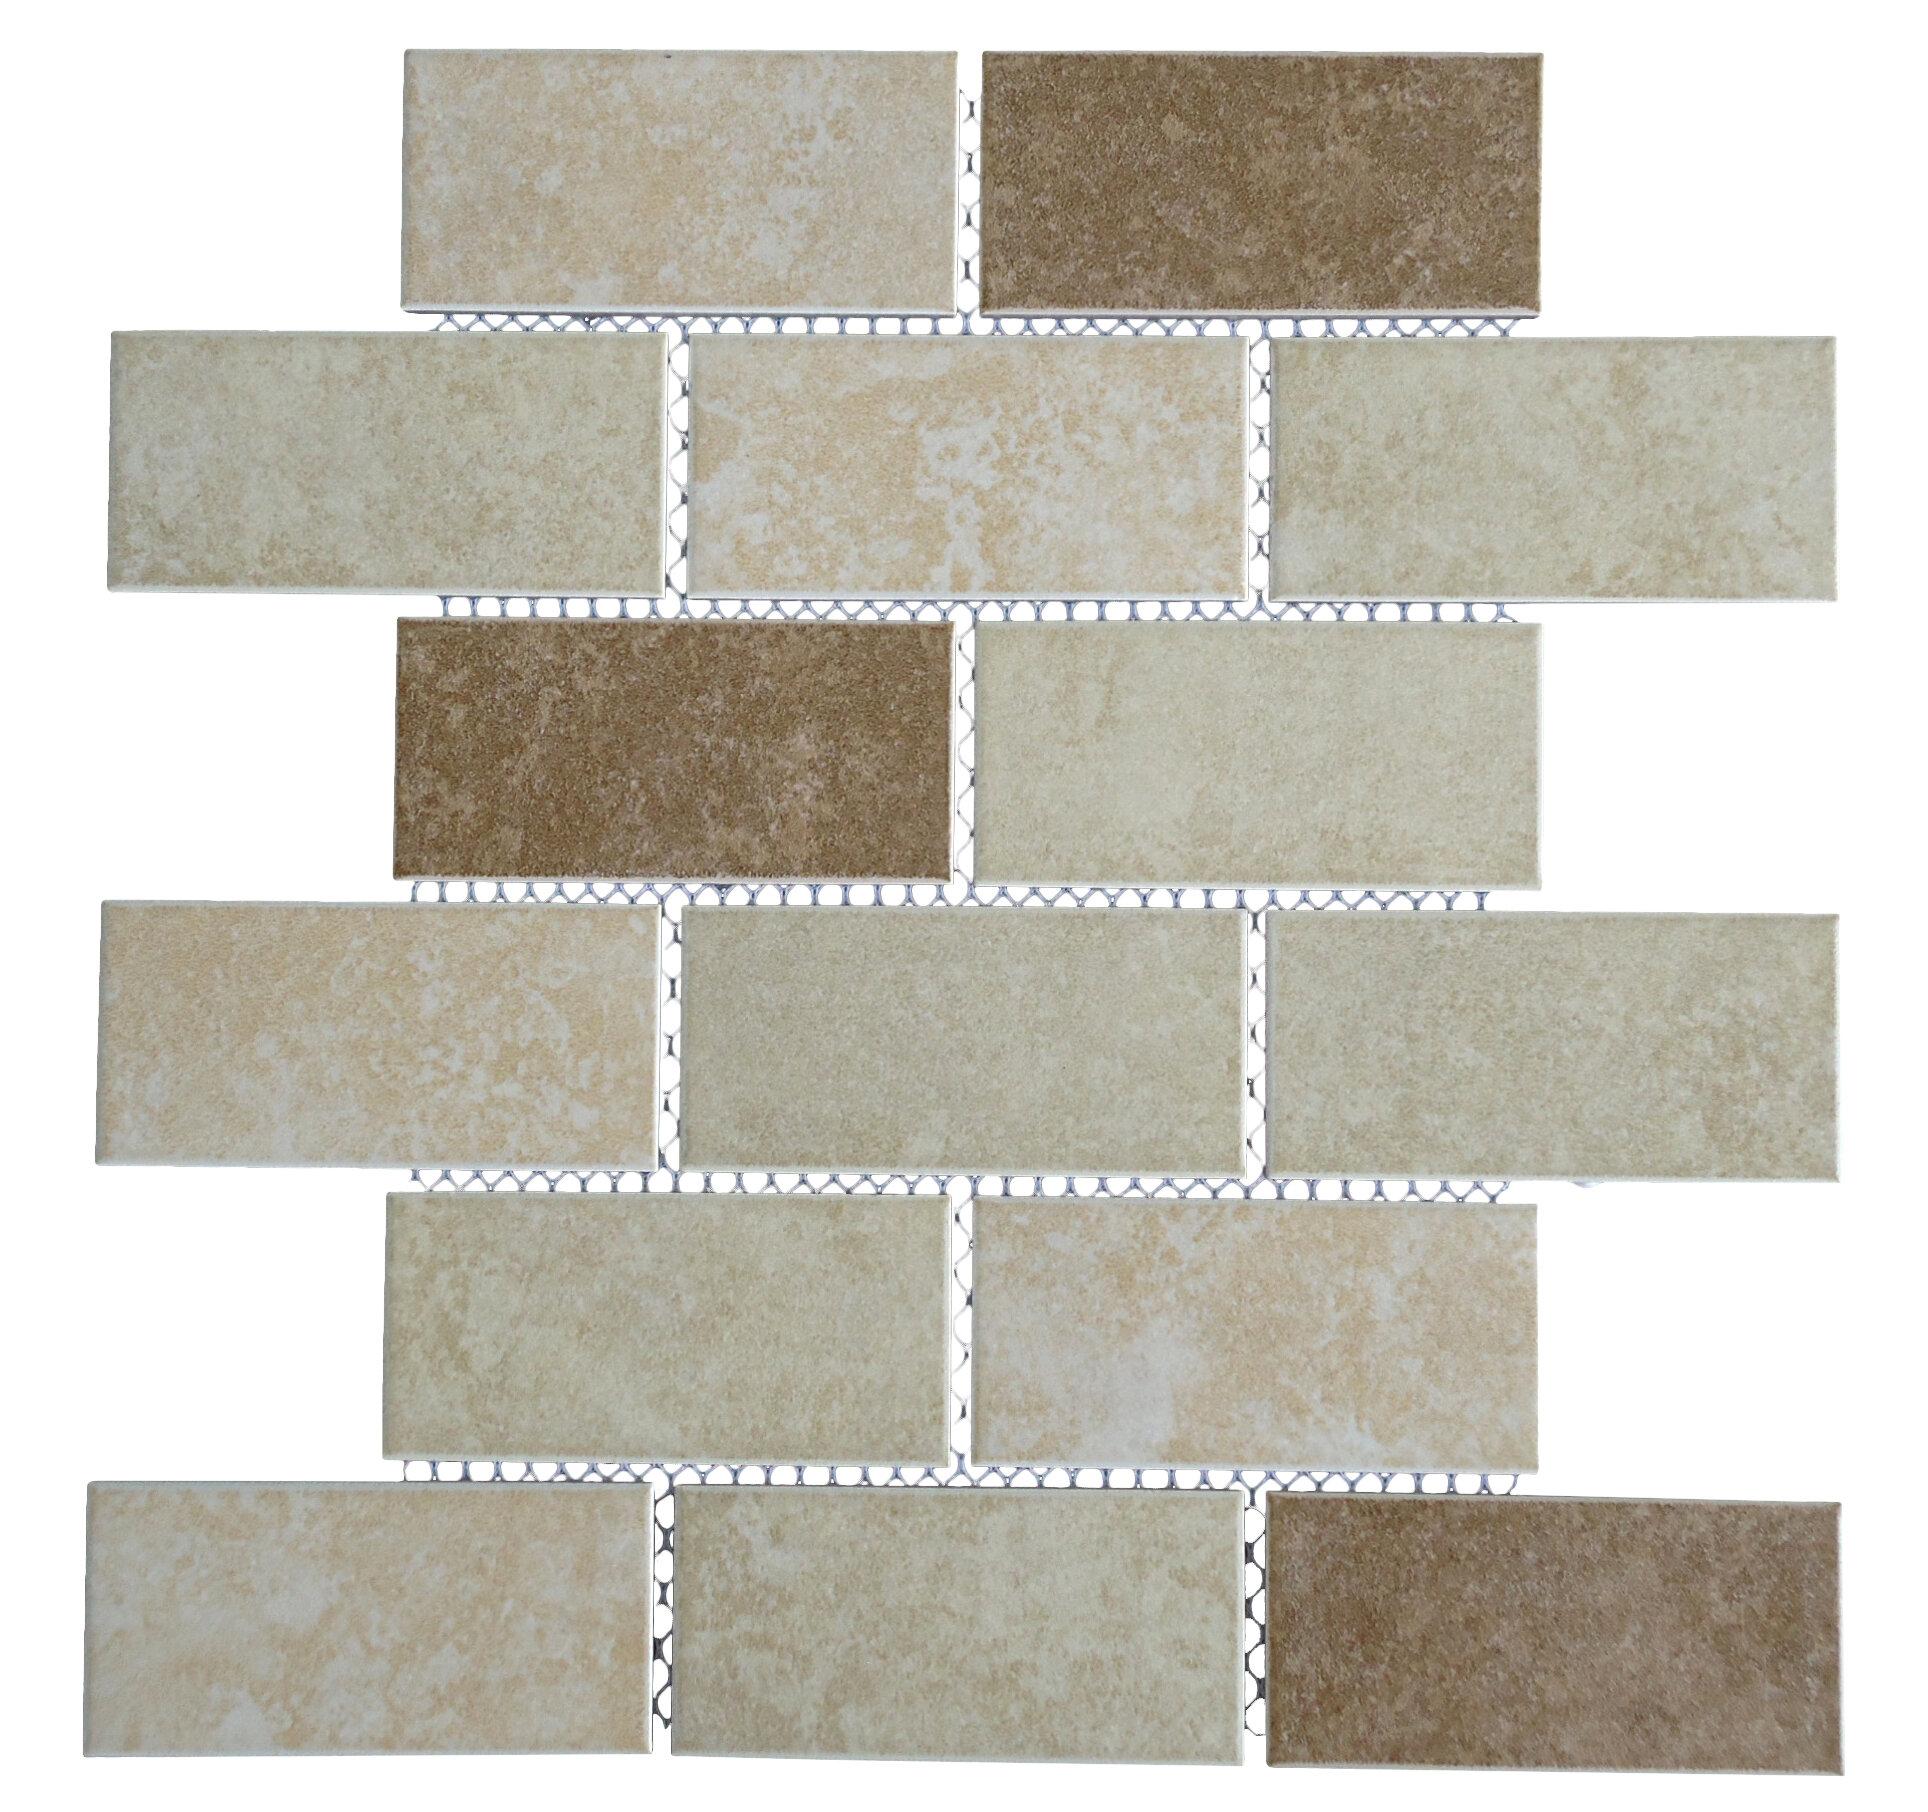 Mulia tile classique 2 x 4 porcelain subway tile in beige and mulia tile classique 2 x 4 porcelain subway tile in beige and ivory wayfair dailygadgetfo Gallery